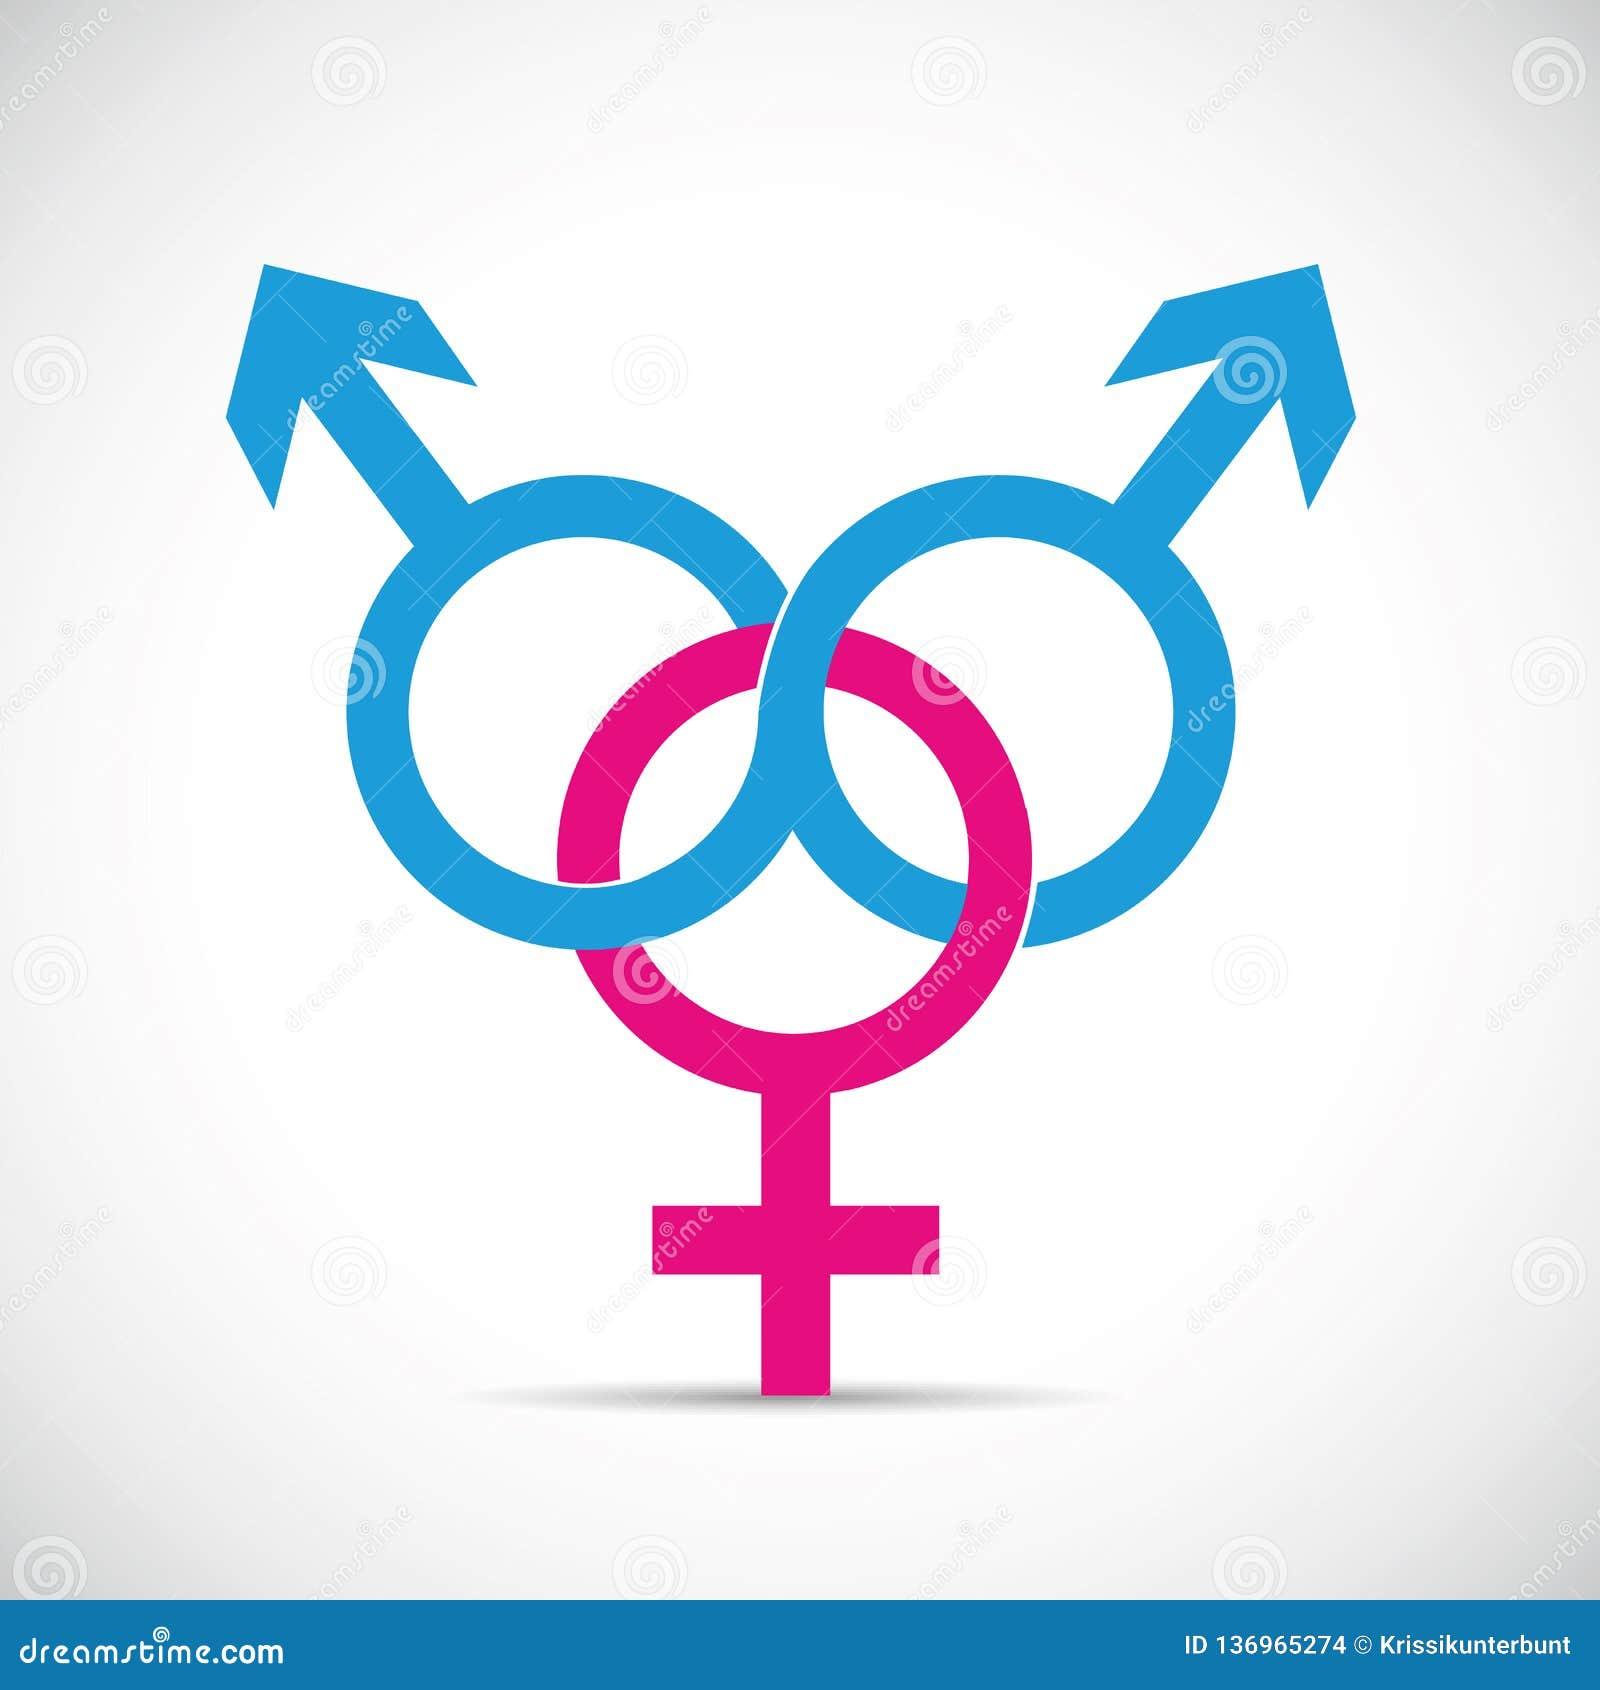 Oszukiwa partnera związek dwa i oszustwo męski i jeden żeński symbol